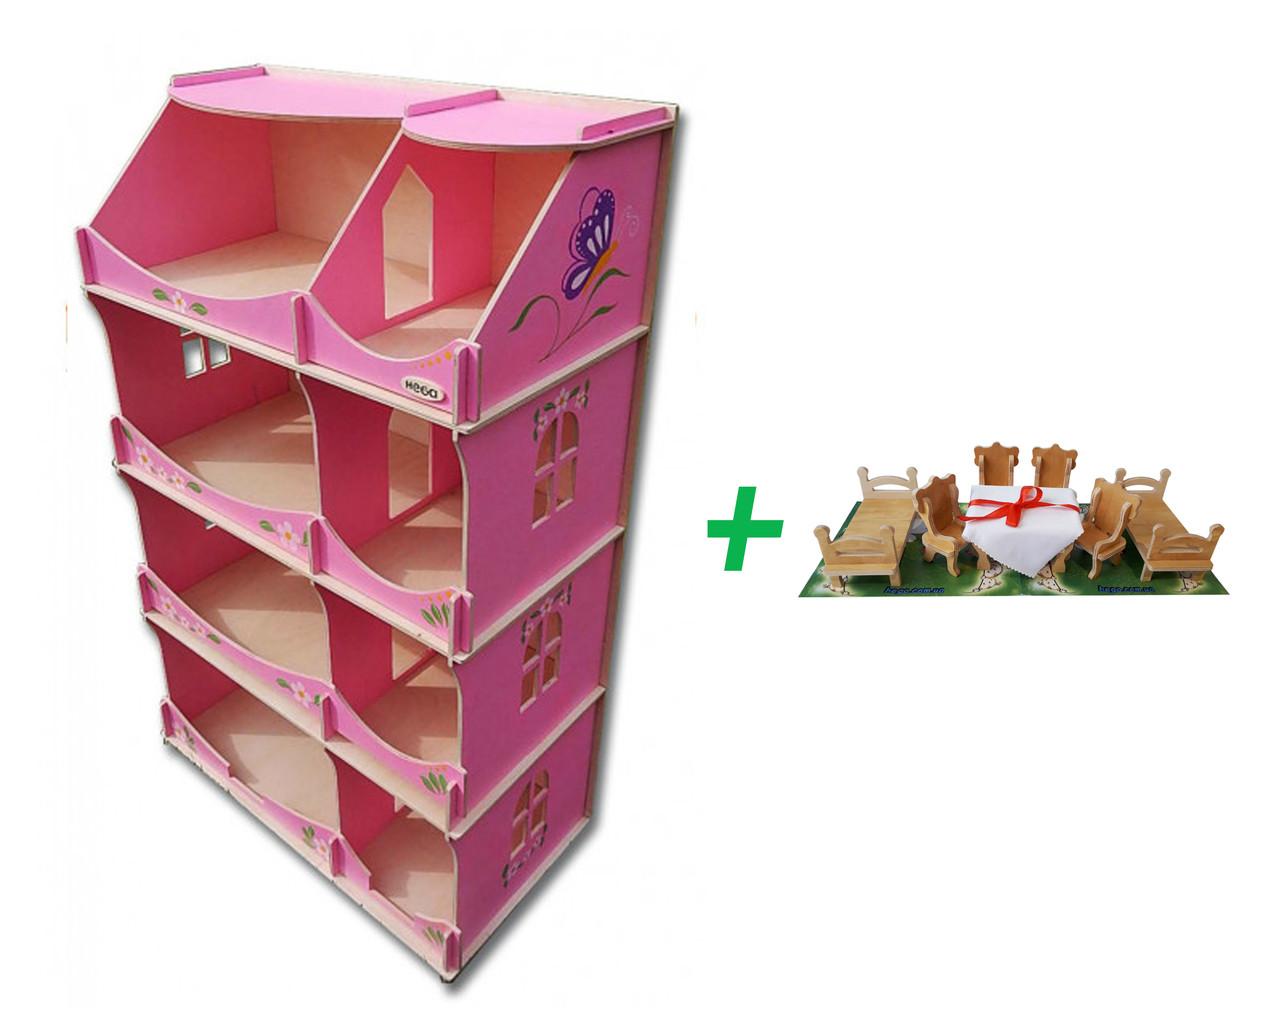 Кукольный домик-шкаф Hega с росписью розовый (090B) + Мебель для кукол (maxi набор) в подарок